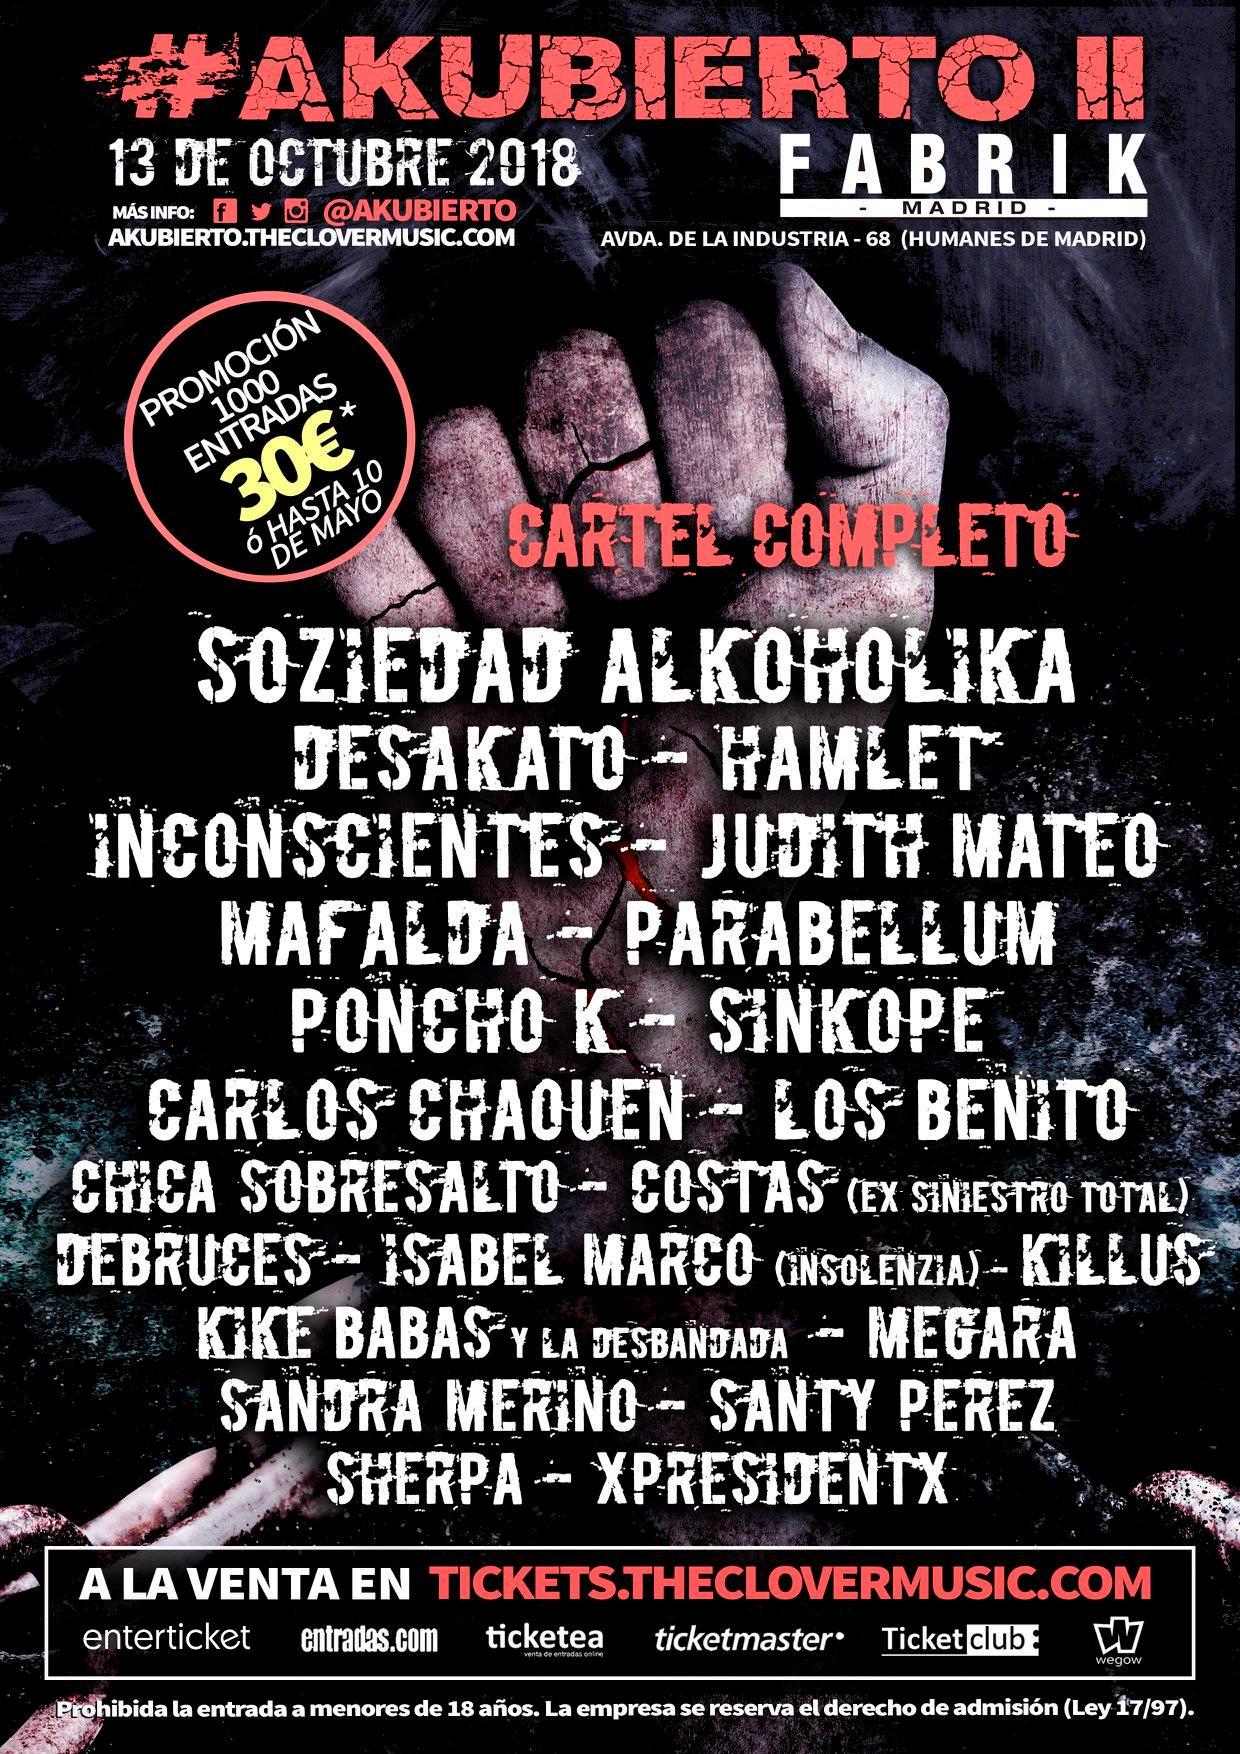 AKUBIERTO FESTIVAL publica el cartel completo